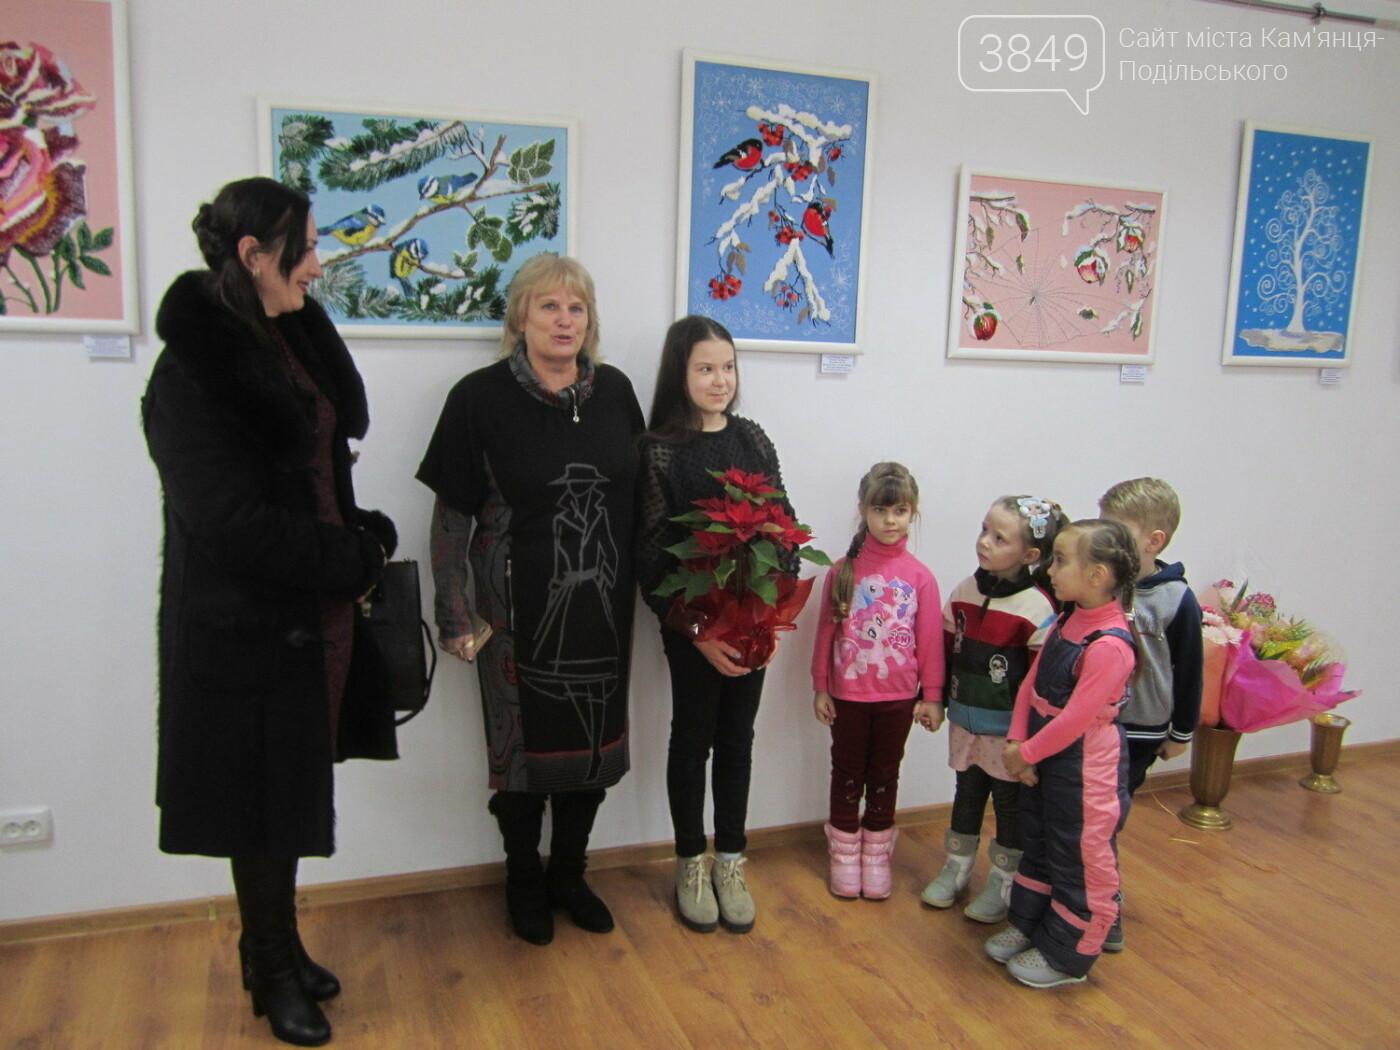 Юна Богдана Ільєва презентувала виставку гобеленів, фото-32